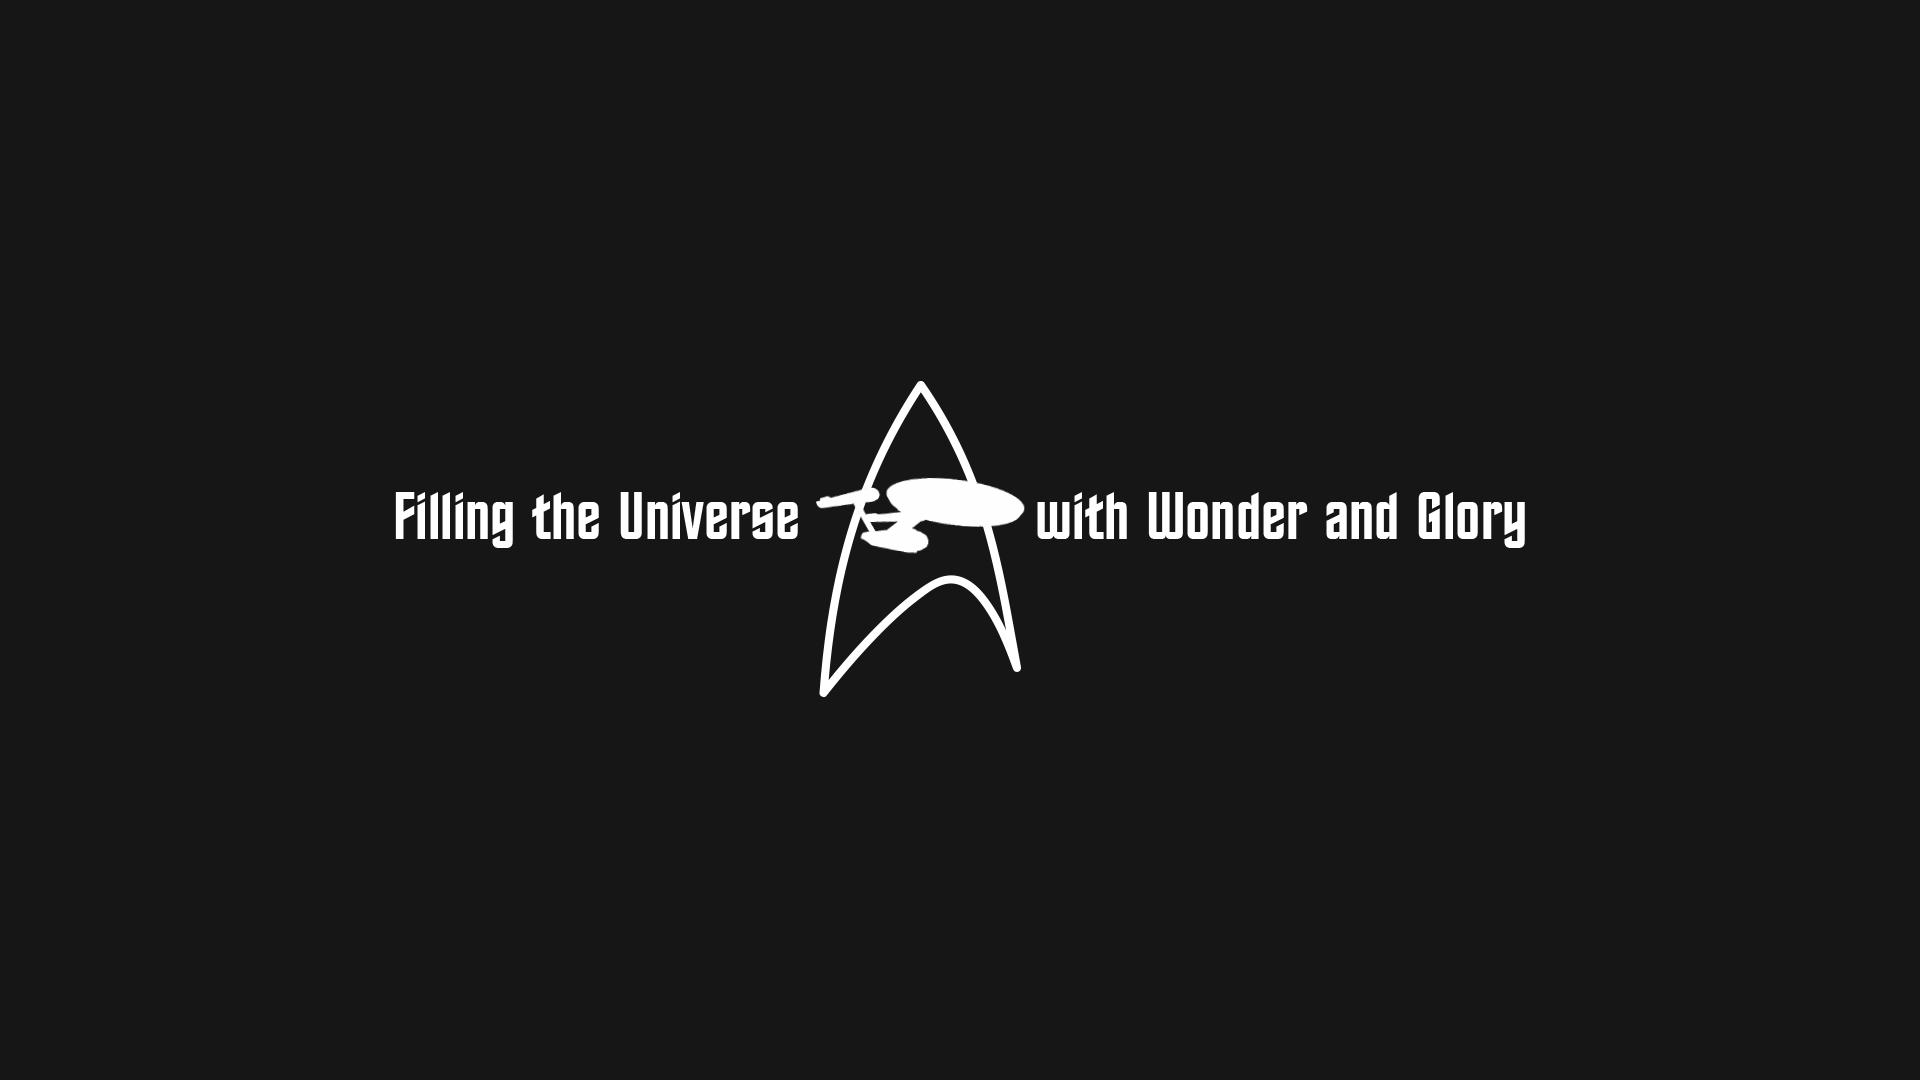 [1920x1080] Star Trek Minimalist Wallpaper | Reddit HD Wallpapers | Minimalist wallpaper, Star ...